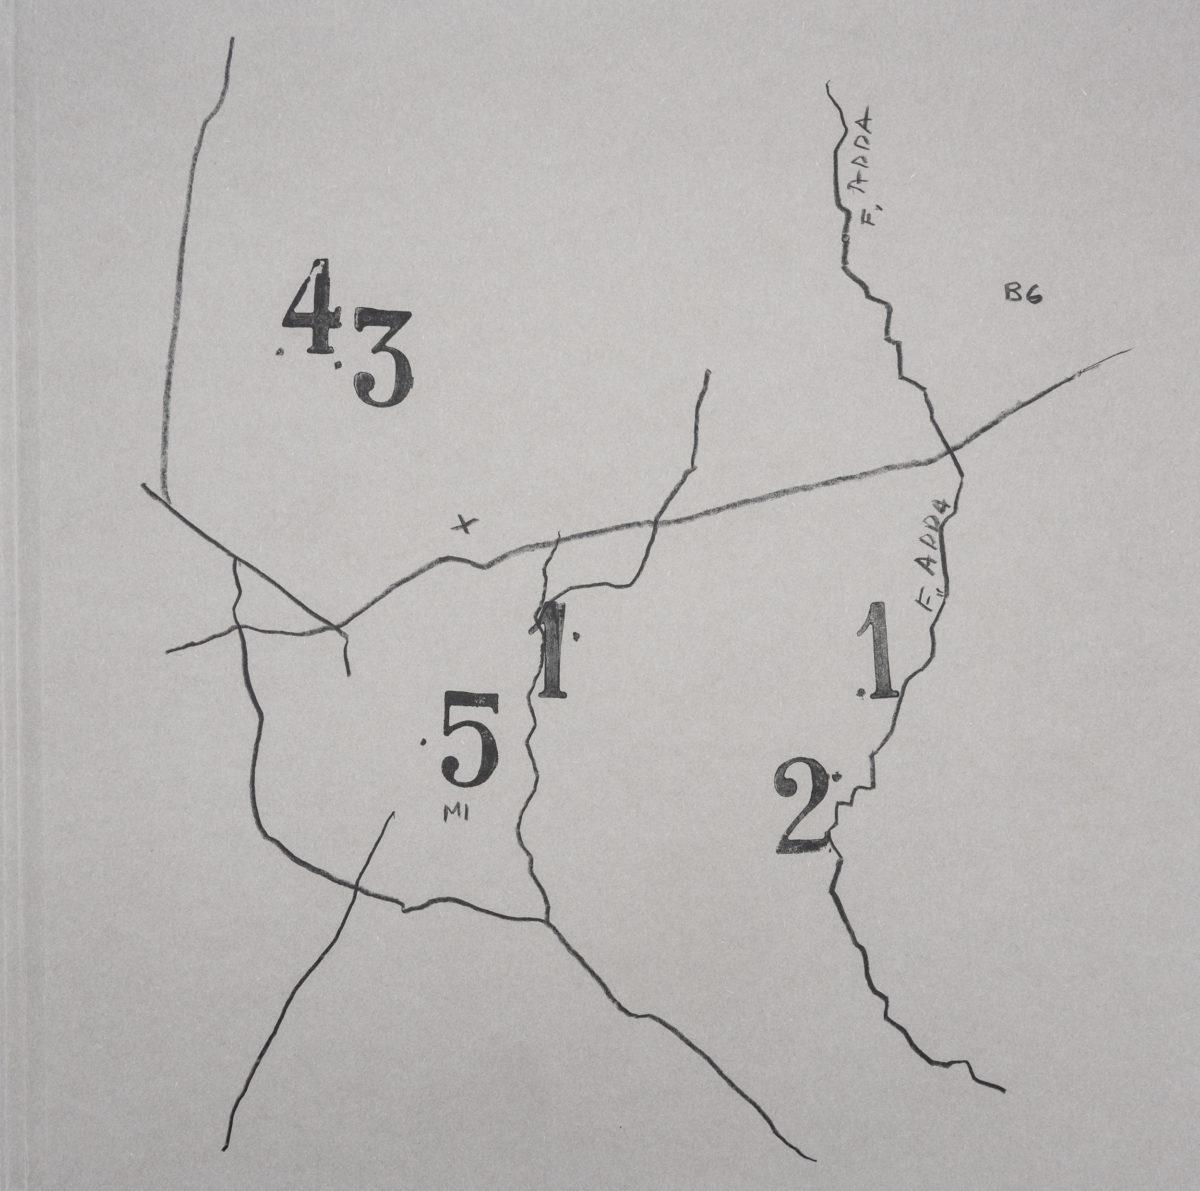 Guido Guidi, Cinque viaggi (1990-98)